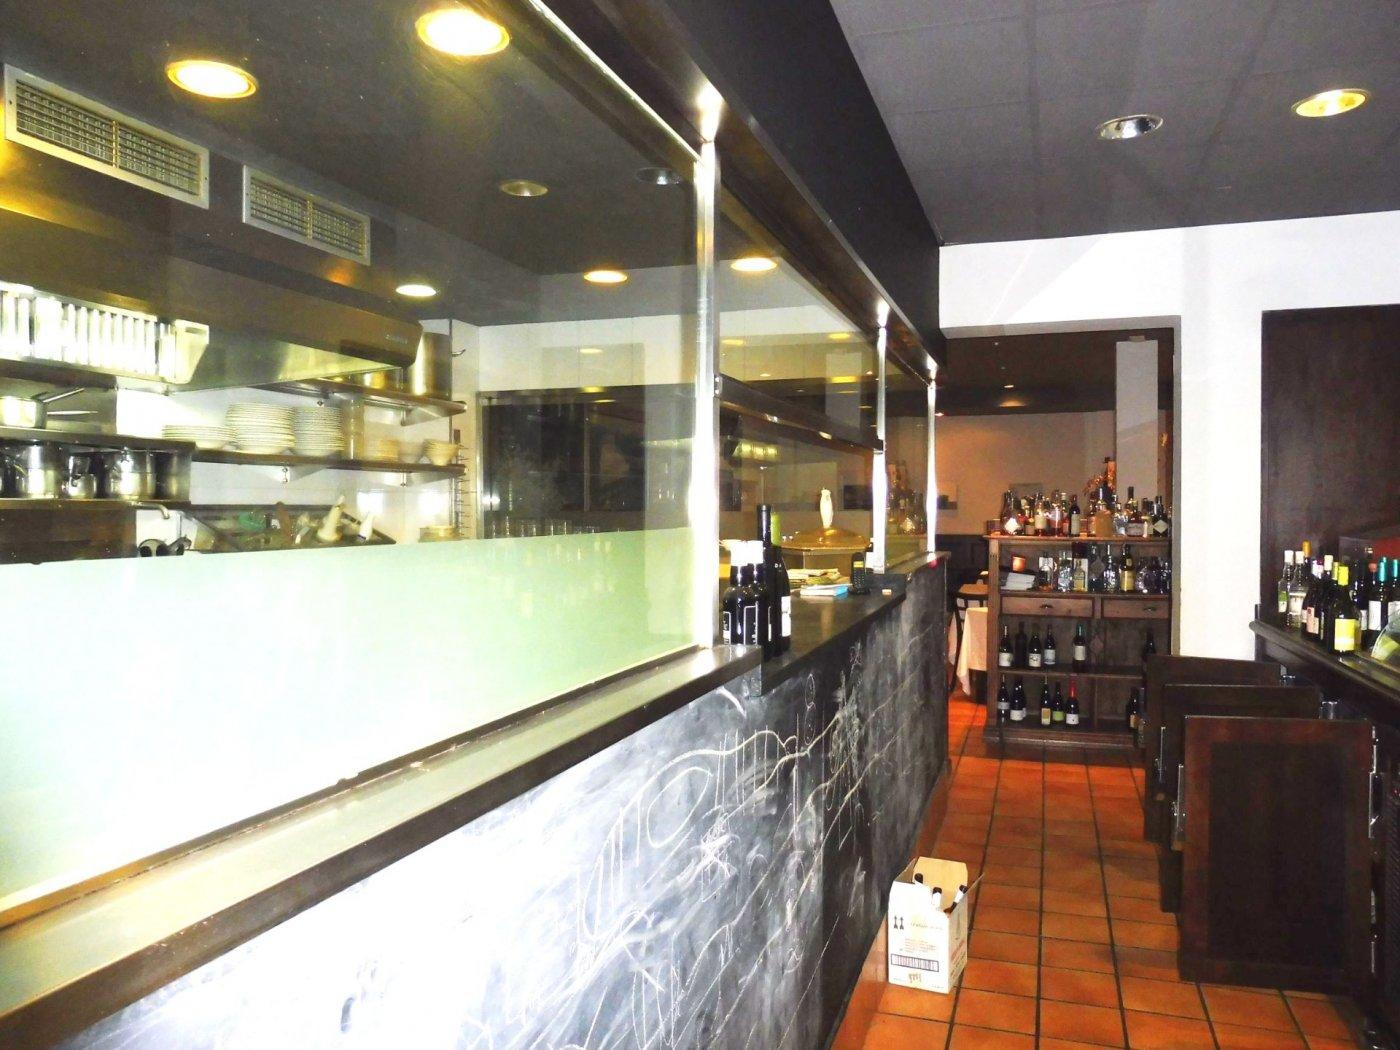 Local restaurante totalmente instalado en posada. - imagenInmueble5